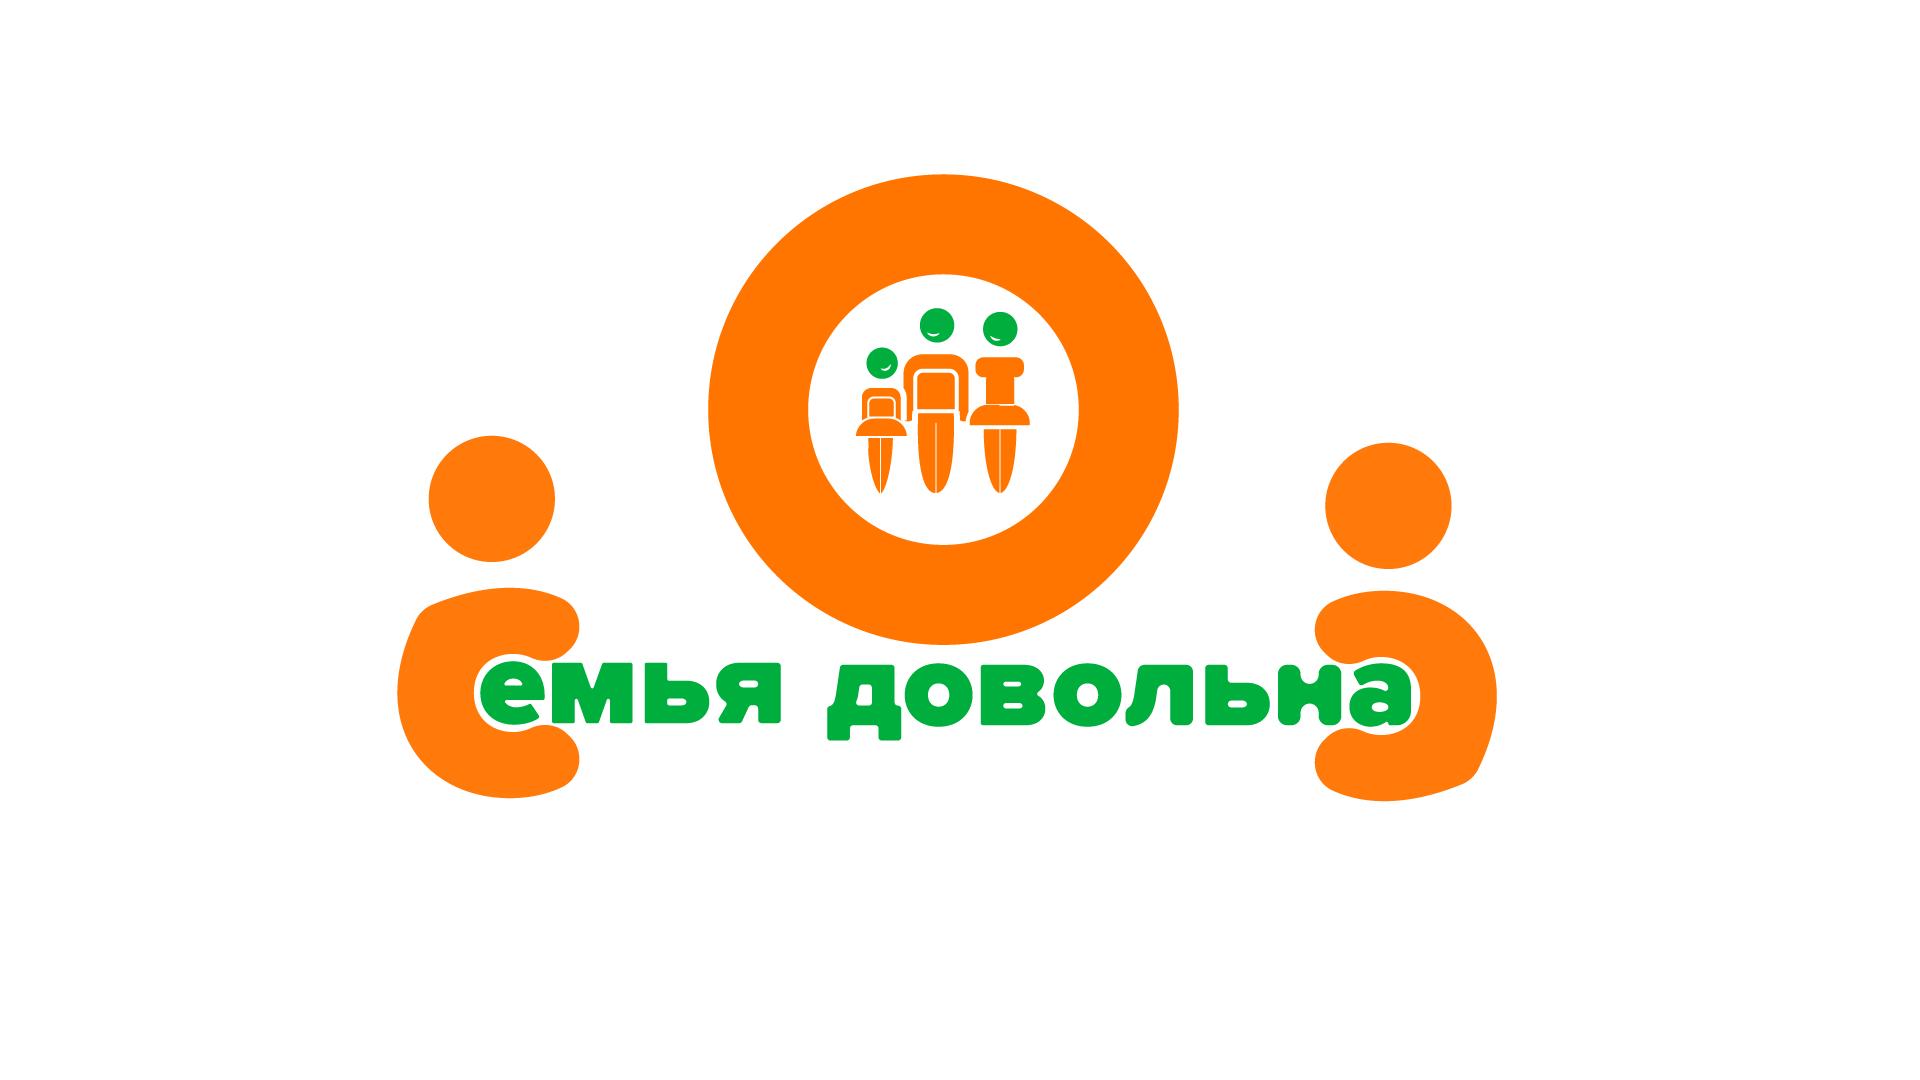 """Разработайте логотип для торговой марки """"Семья довольна"""" фото f_3935ba6c33c33d23.png"""